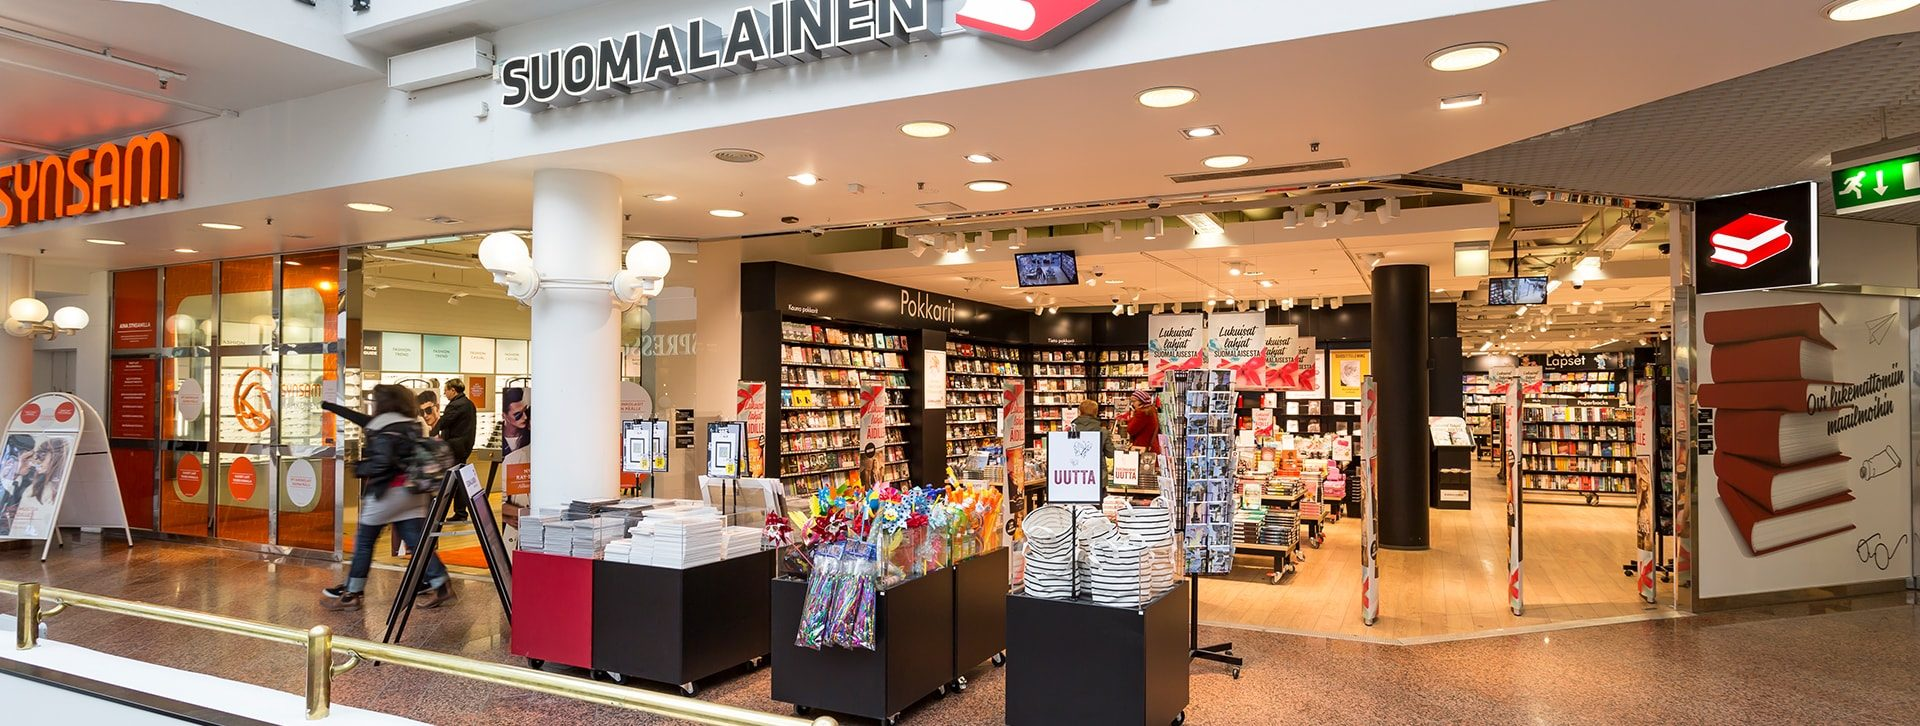 hansakortteli_suomalainen_kirjakauppa